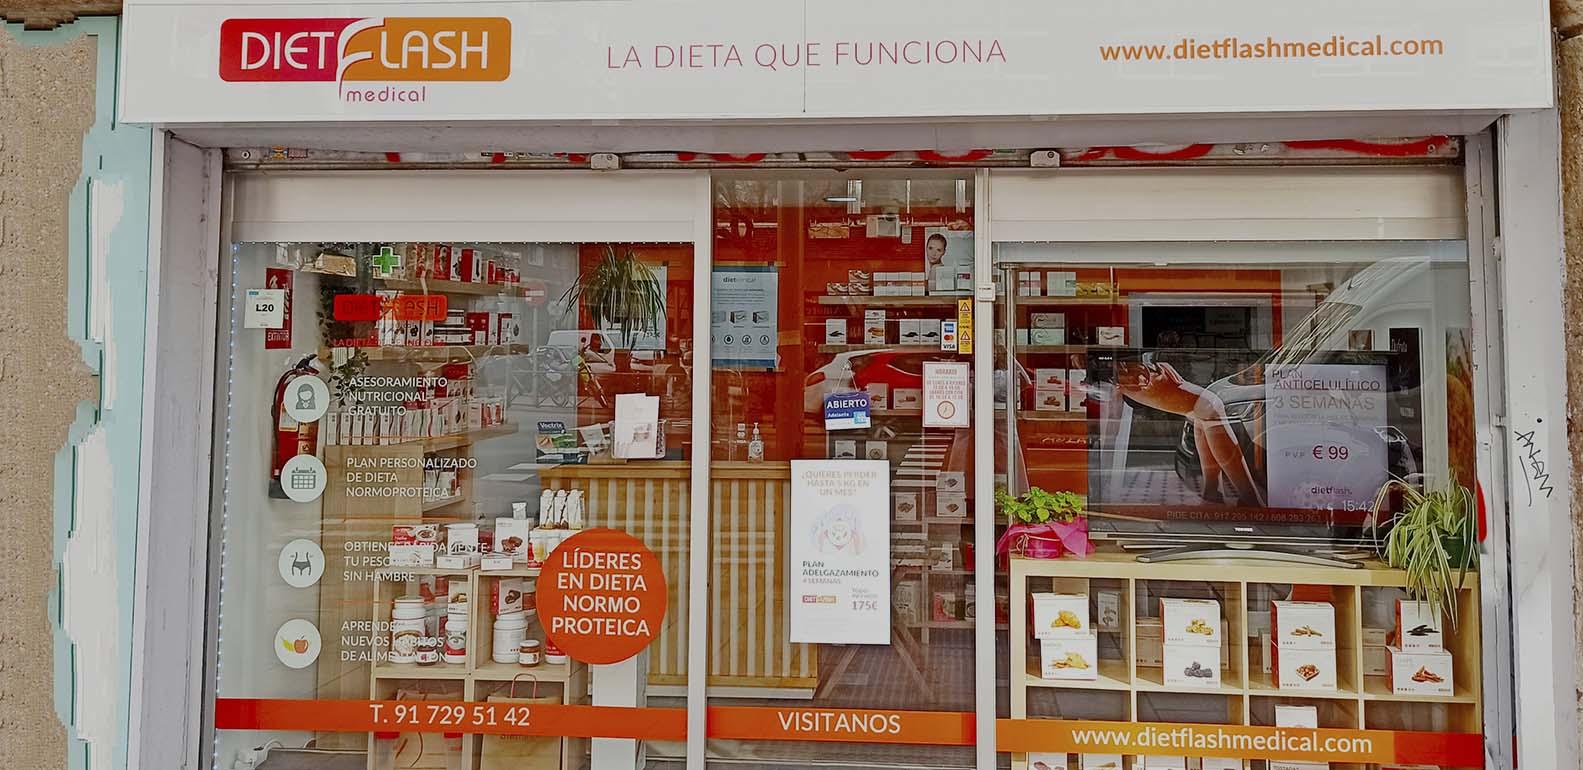 Dietflash Madrid